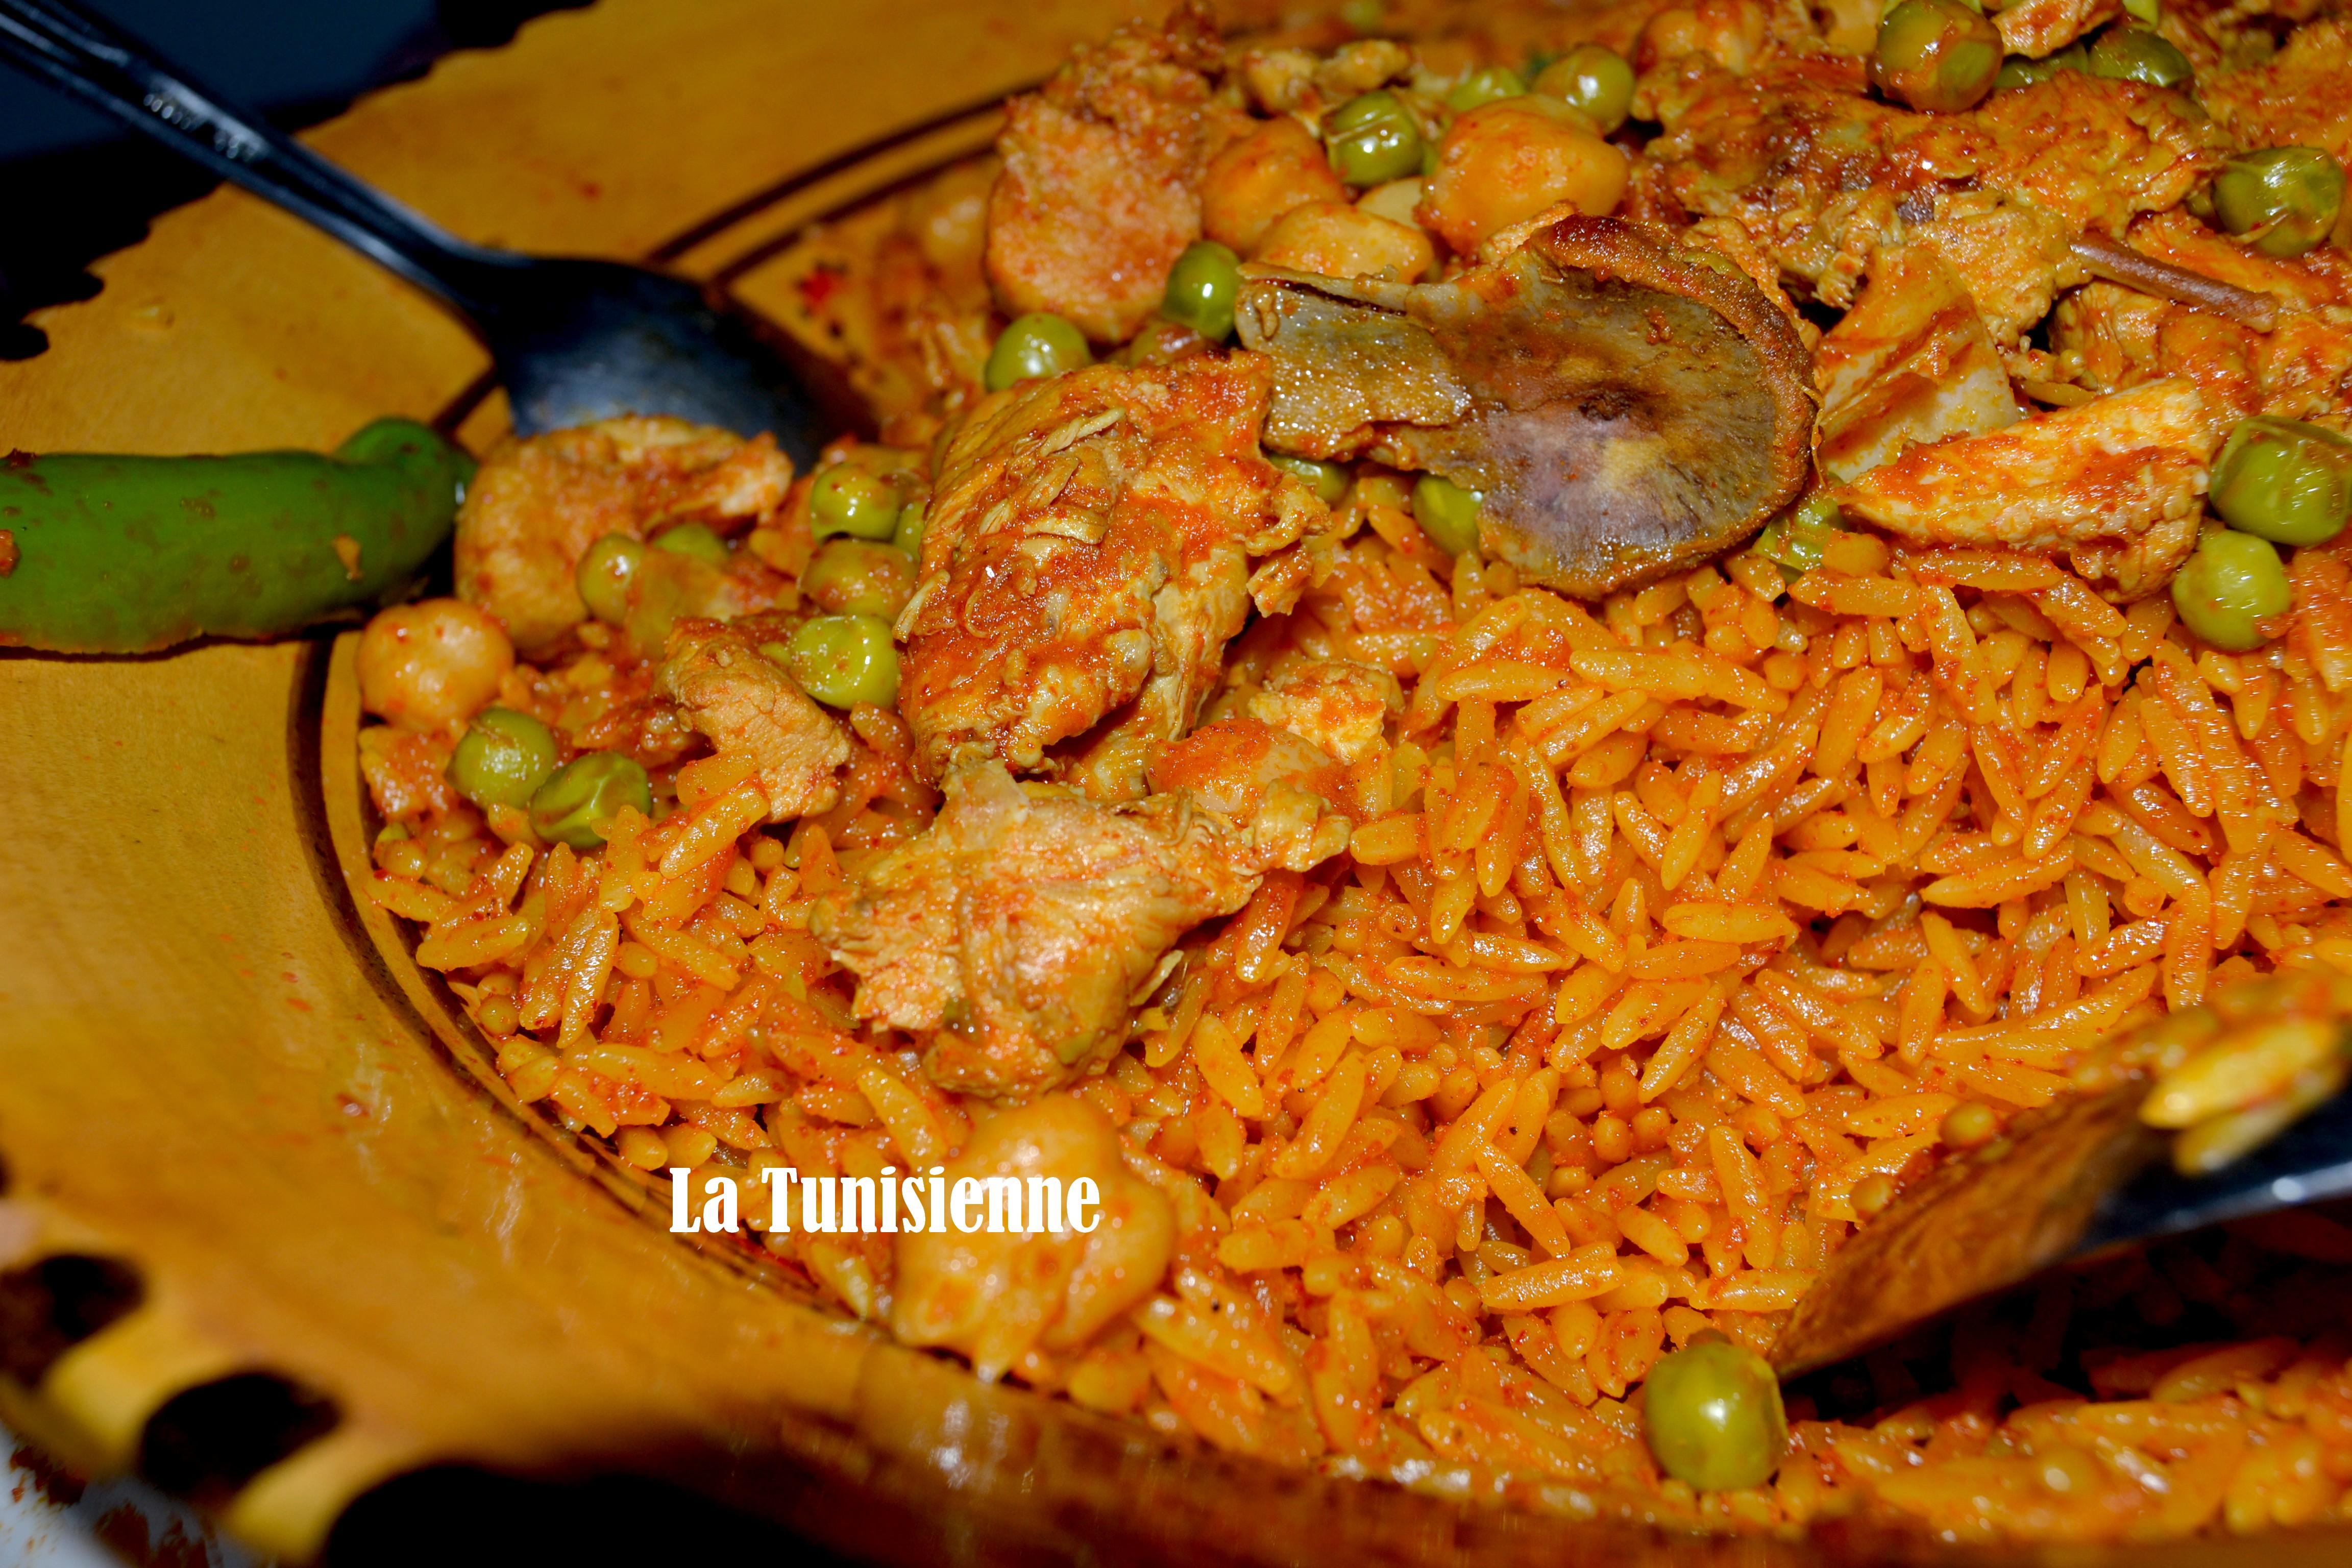 Chorba mfawra langues d oiseau au poulet - Recette de cuisine tunisienne facile et rapide en arabe ...